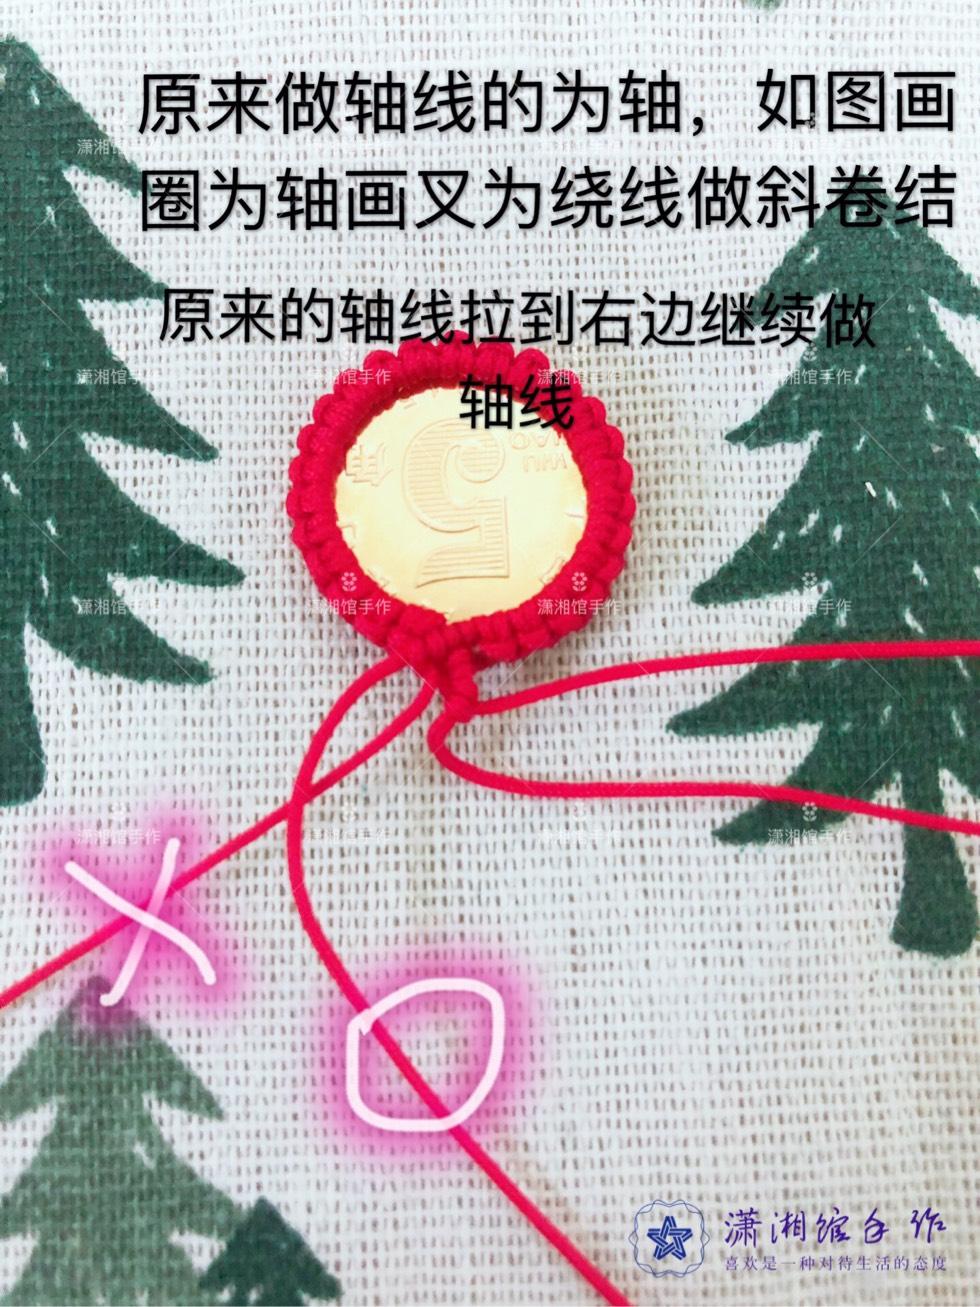 中国结论坛 硬币挂件天使翅膀钥匙扣教程  图文教程区 170105cvvfknovvkvfa8a4